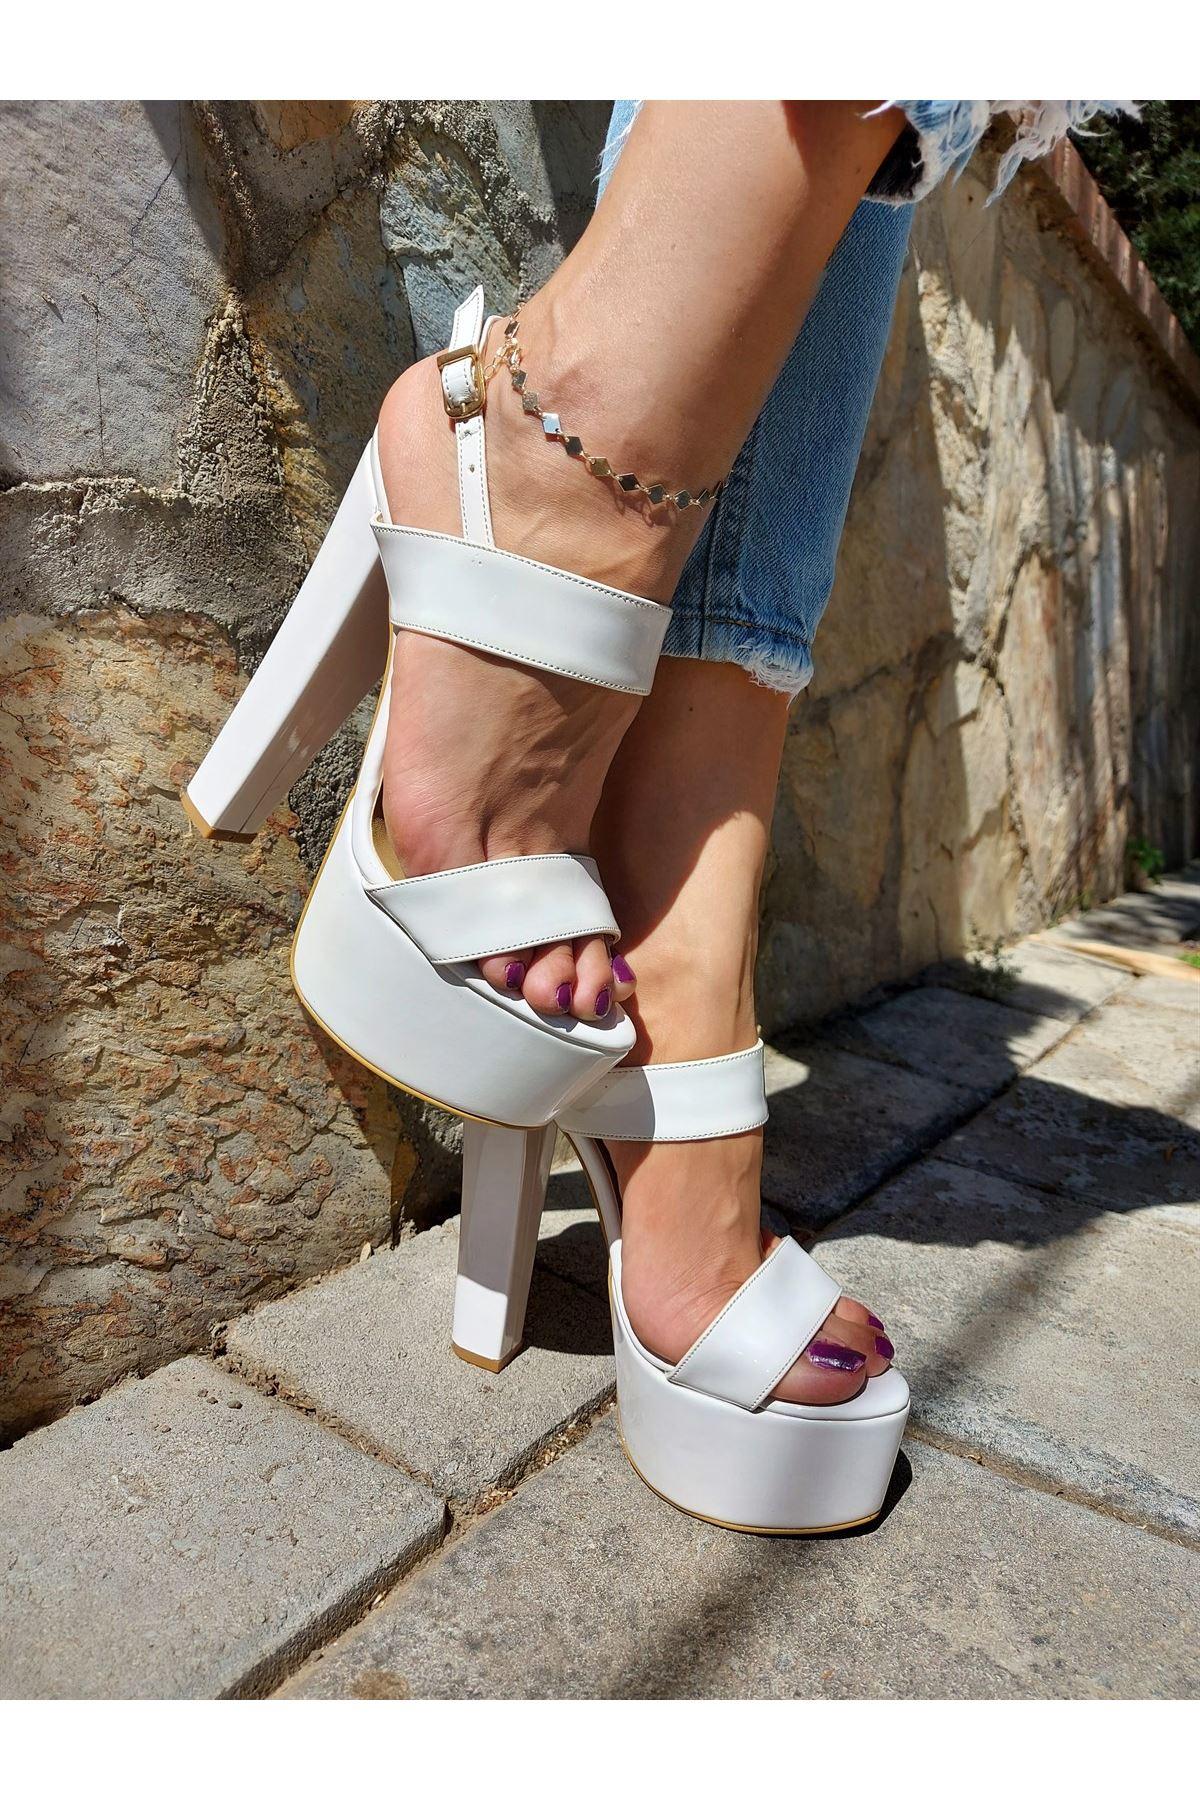 Lucy Beyaz Rugan Yüksek Topuklu Ayakkabı